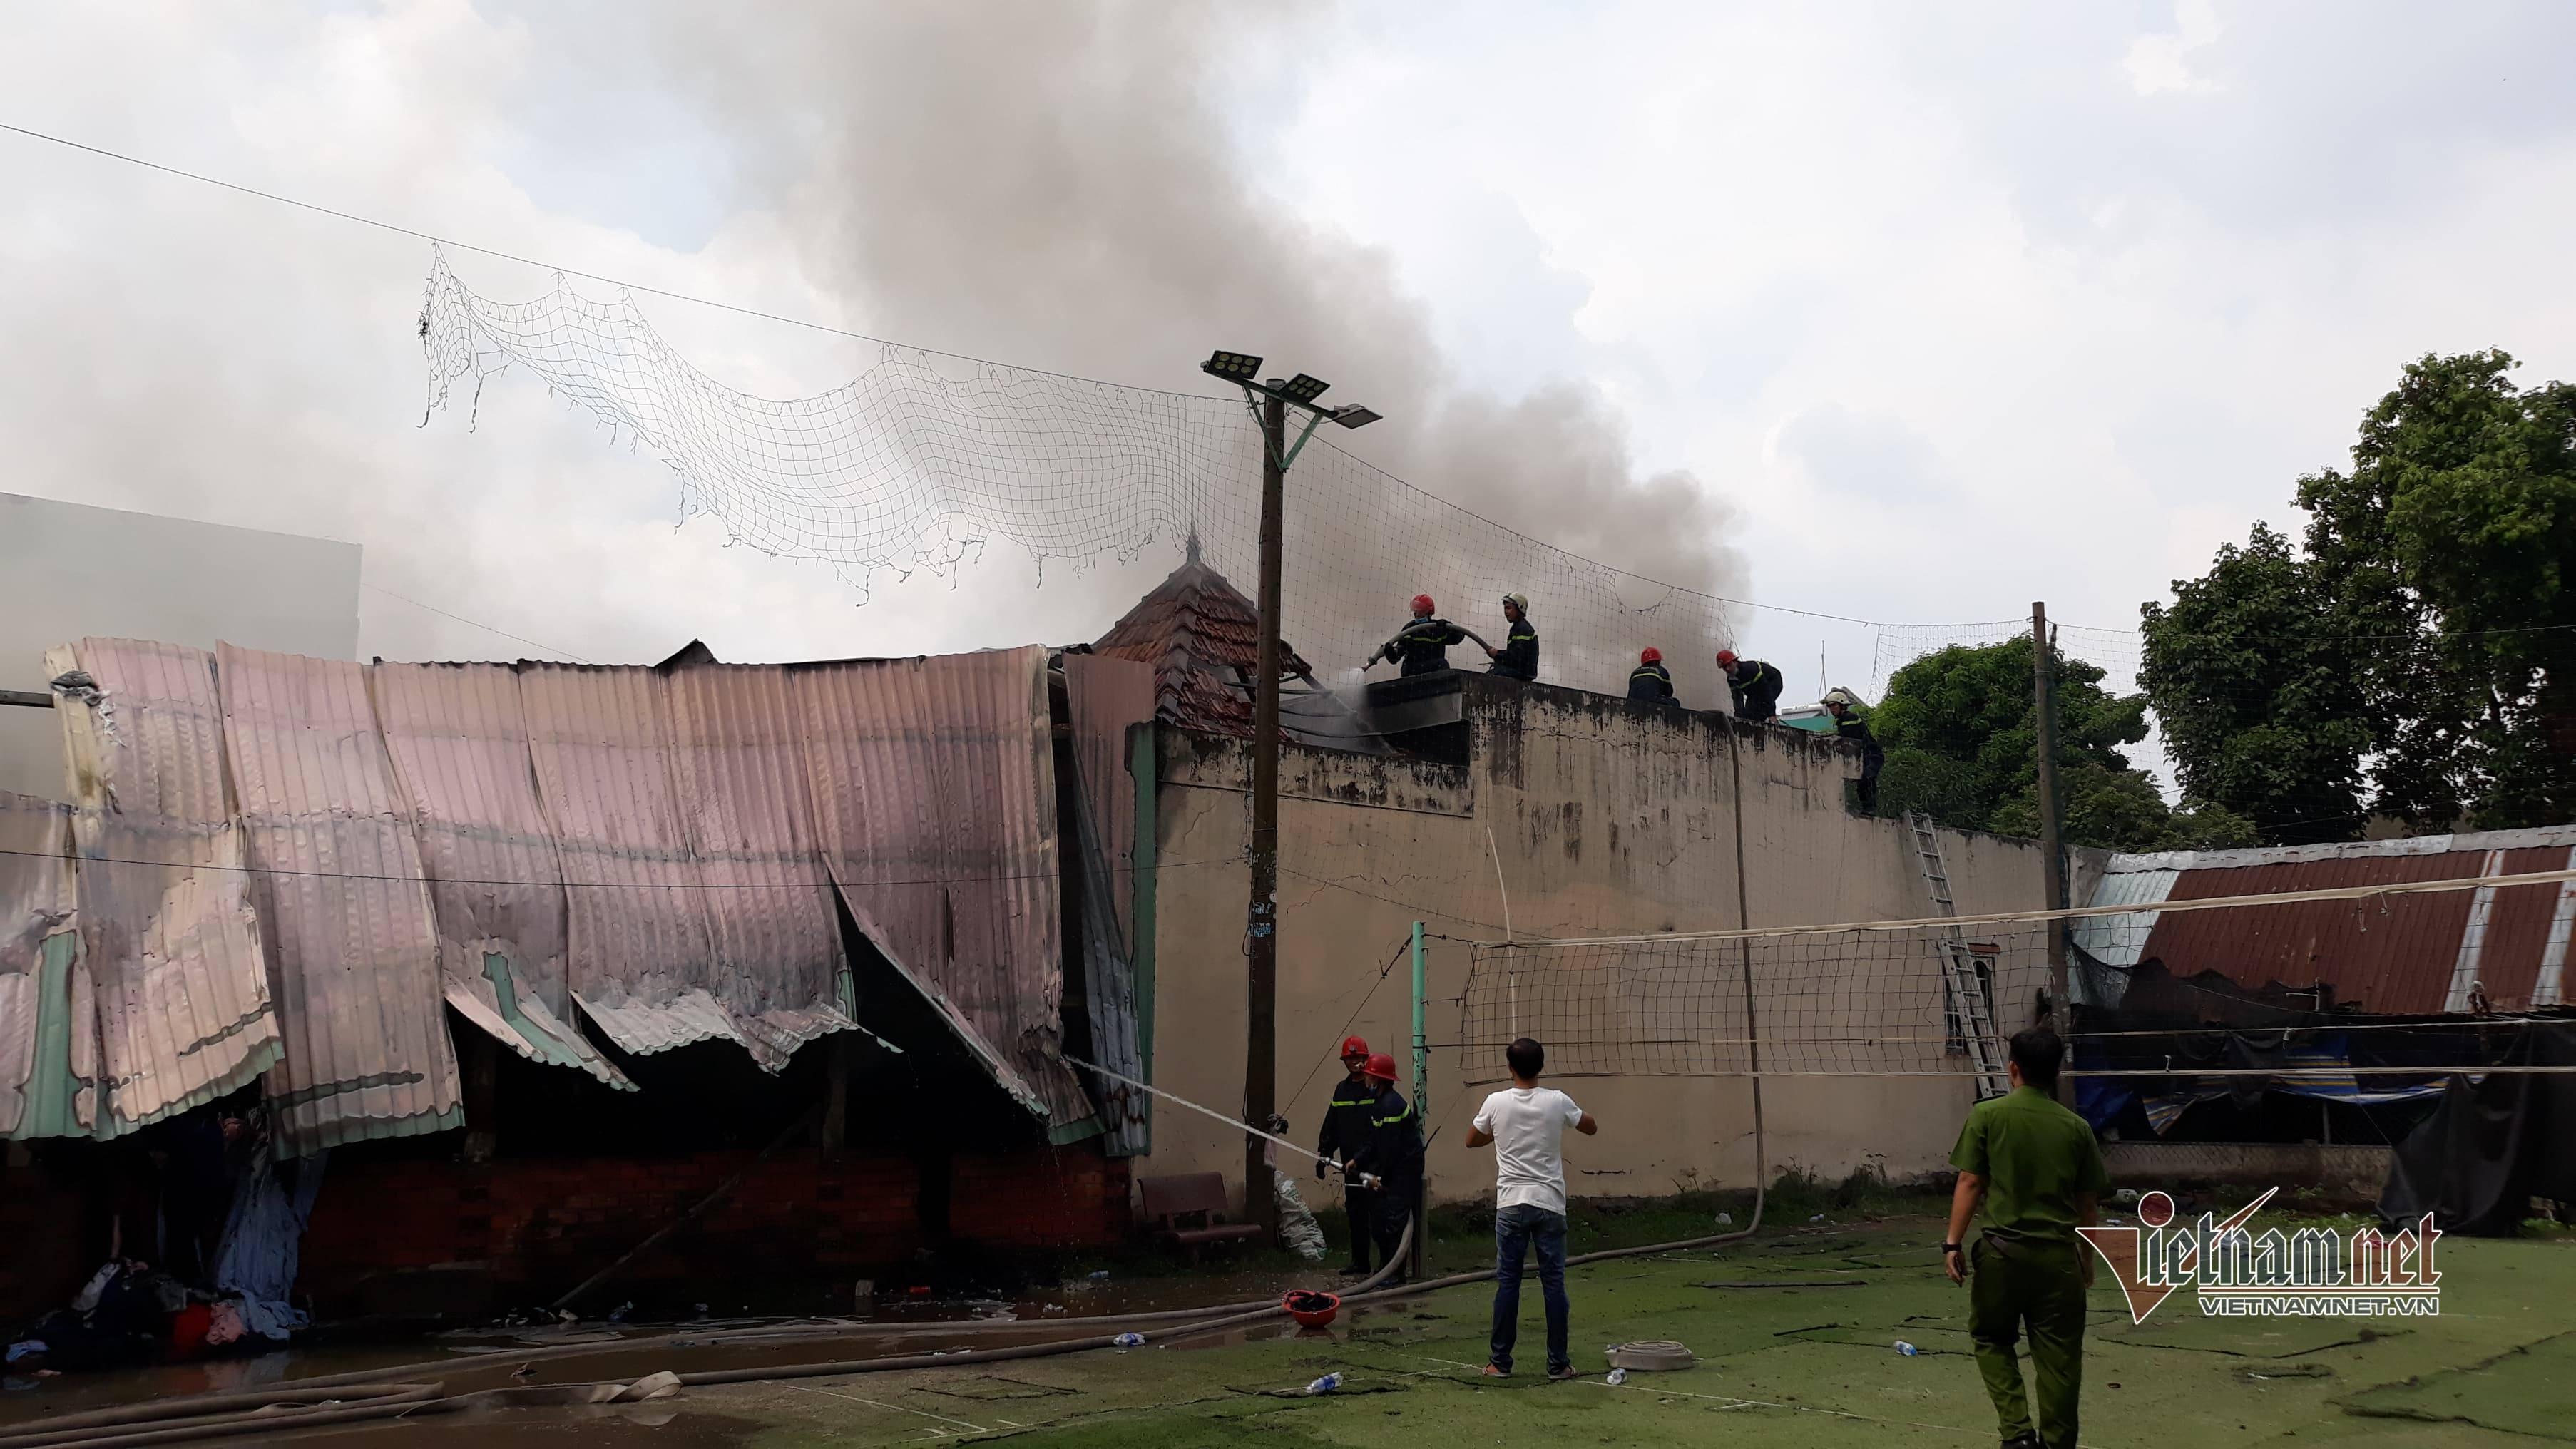 Hiện trường vụ hỏa hoạn với cột khói đen bao trùm xưởng vải